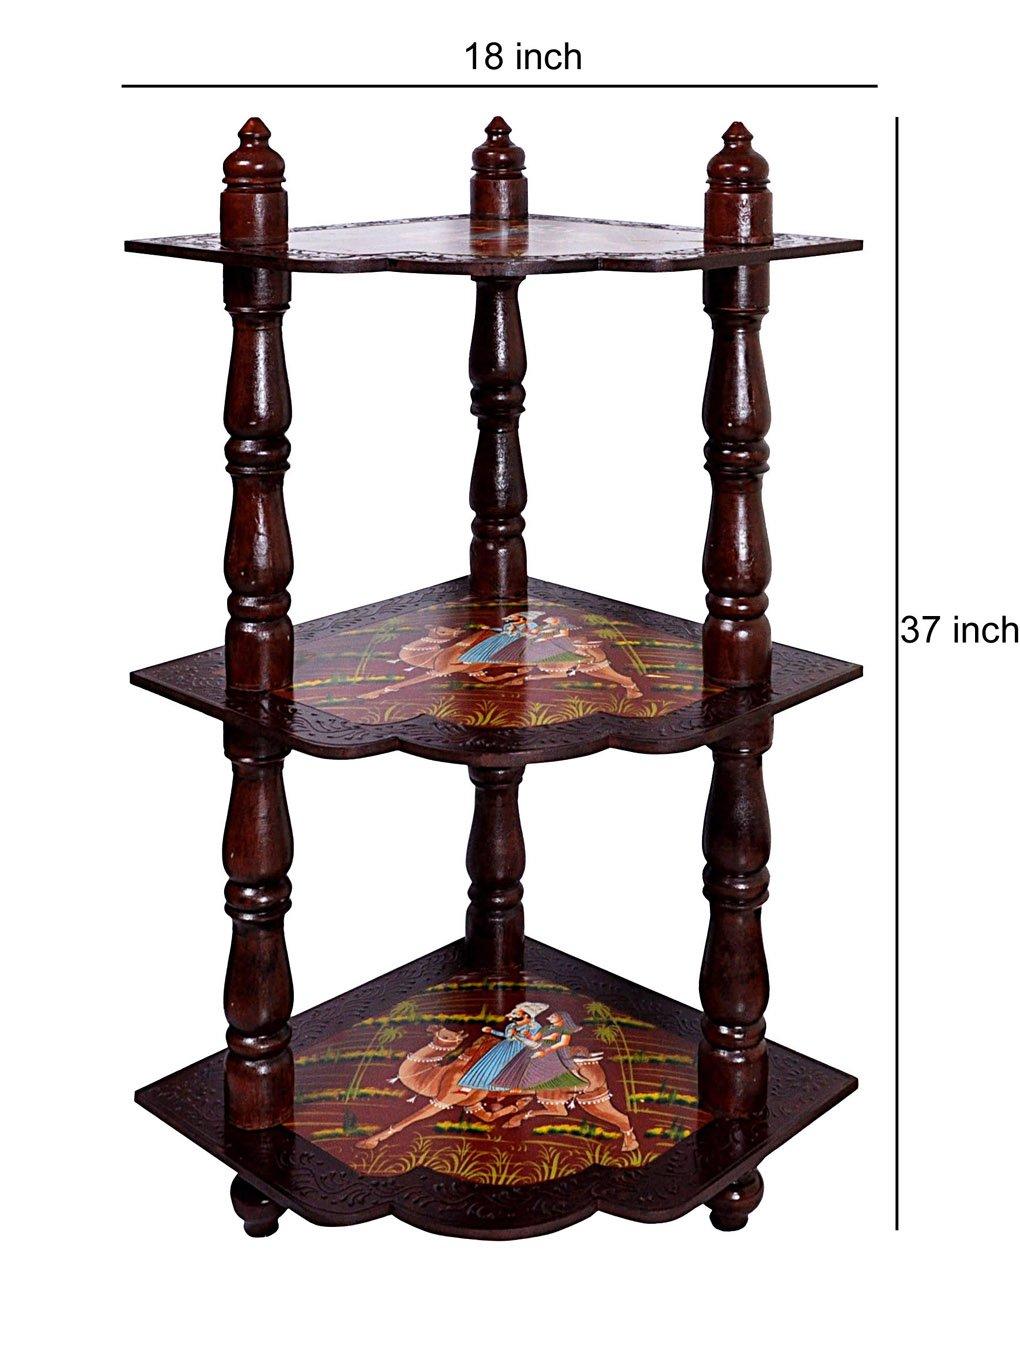 faite à la main en bois peint Table de rangement de coin pour le salon